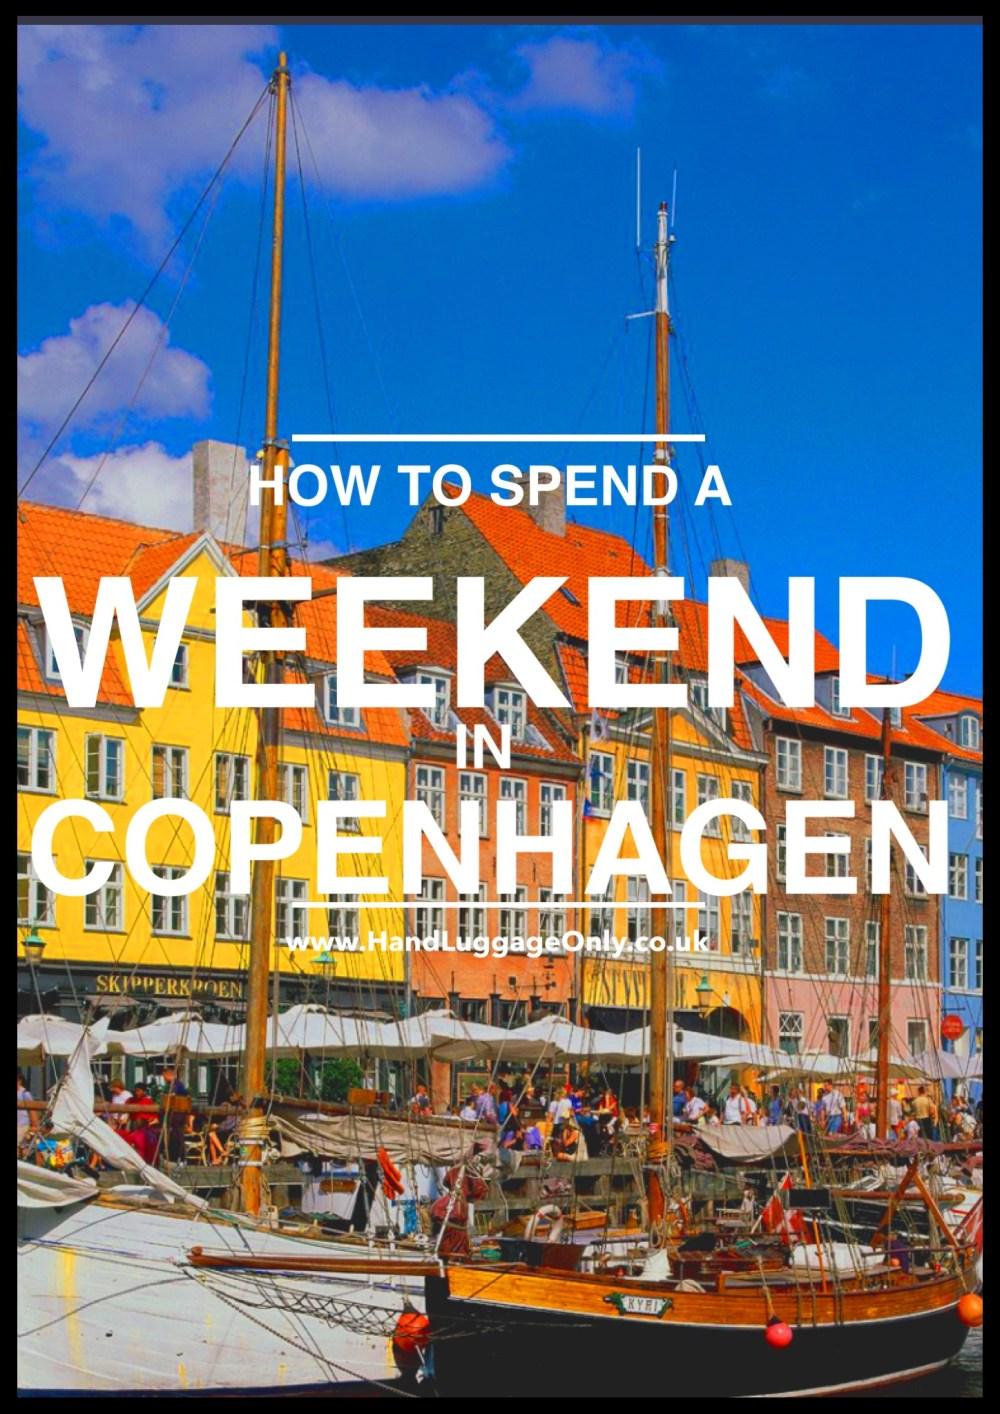 How To Spend a Weekend in Copenhagen